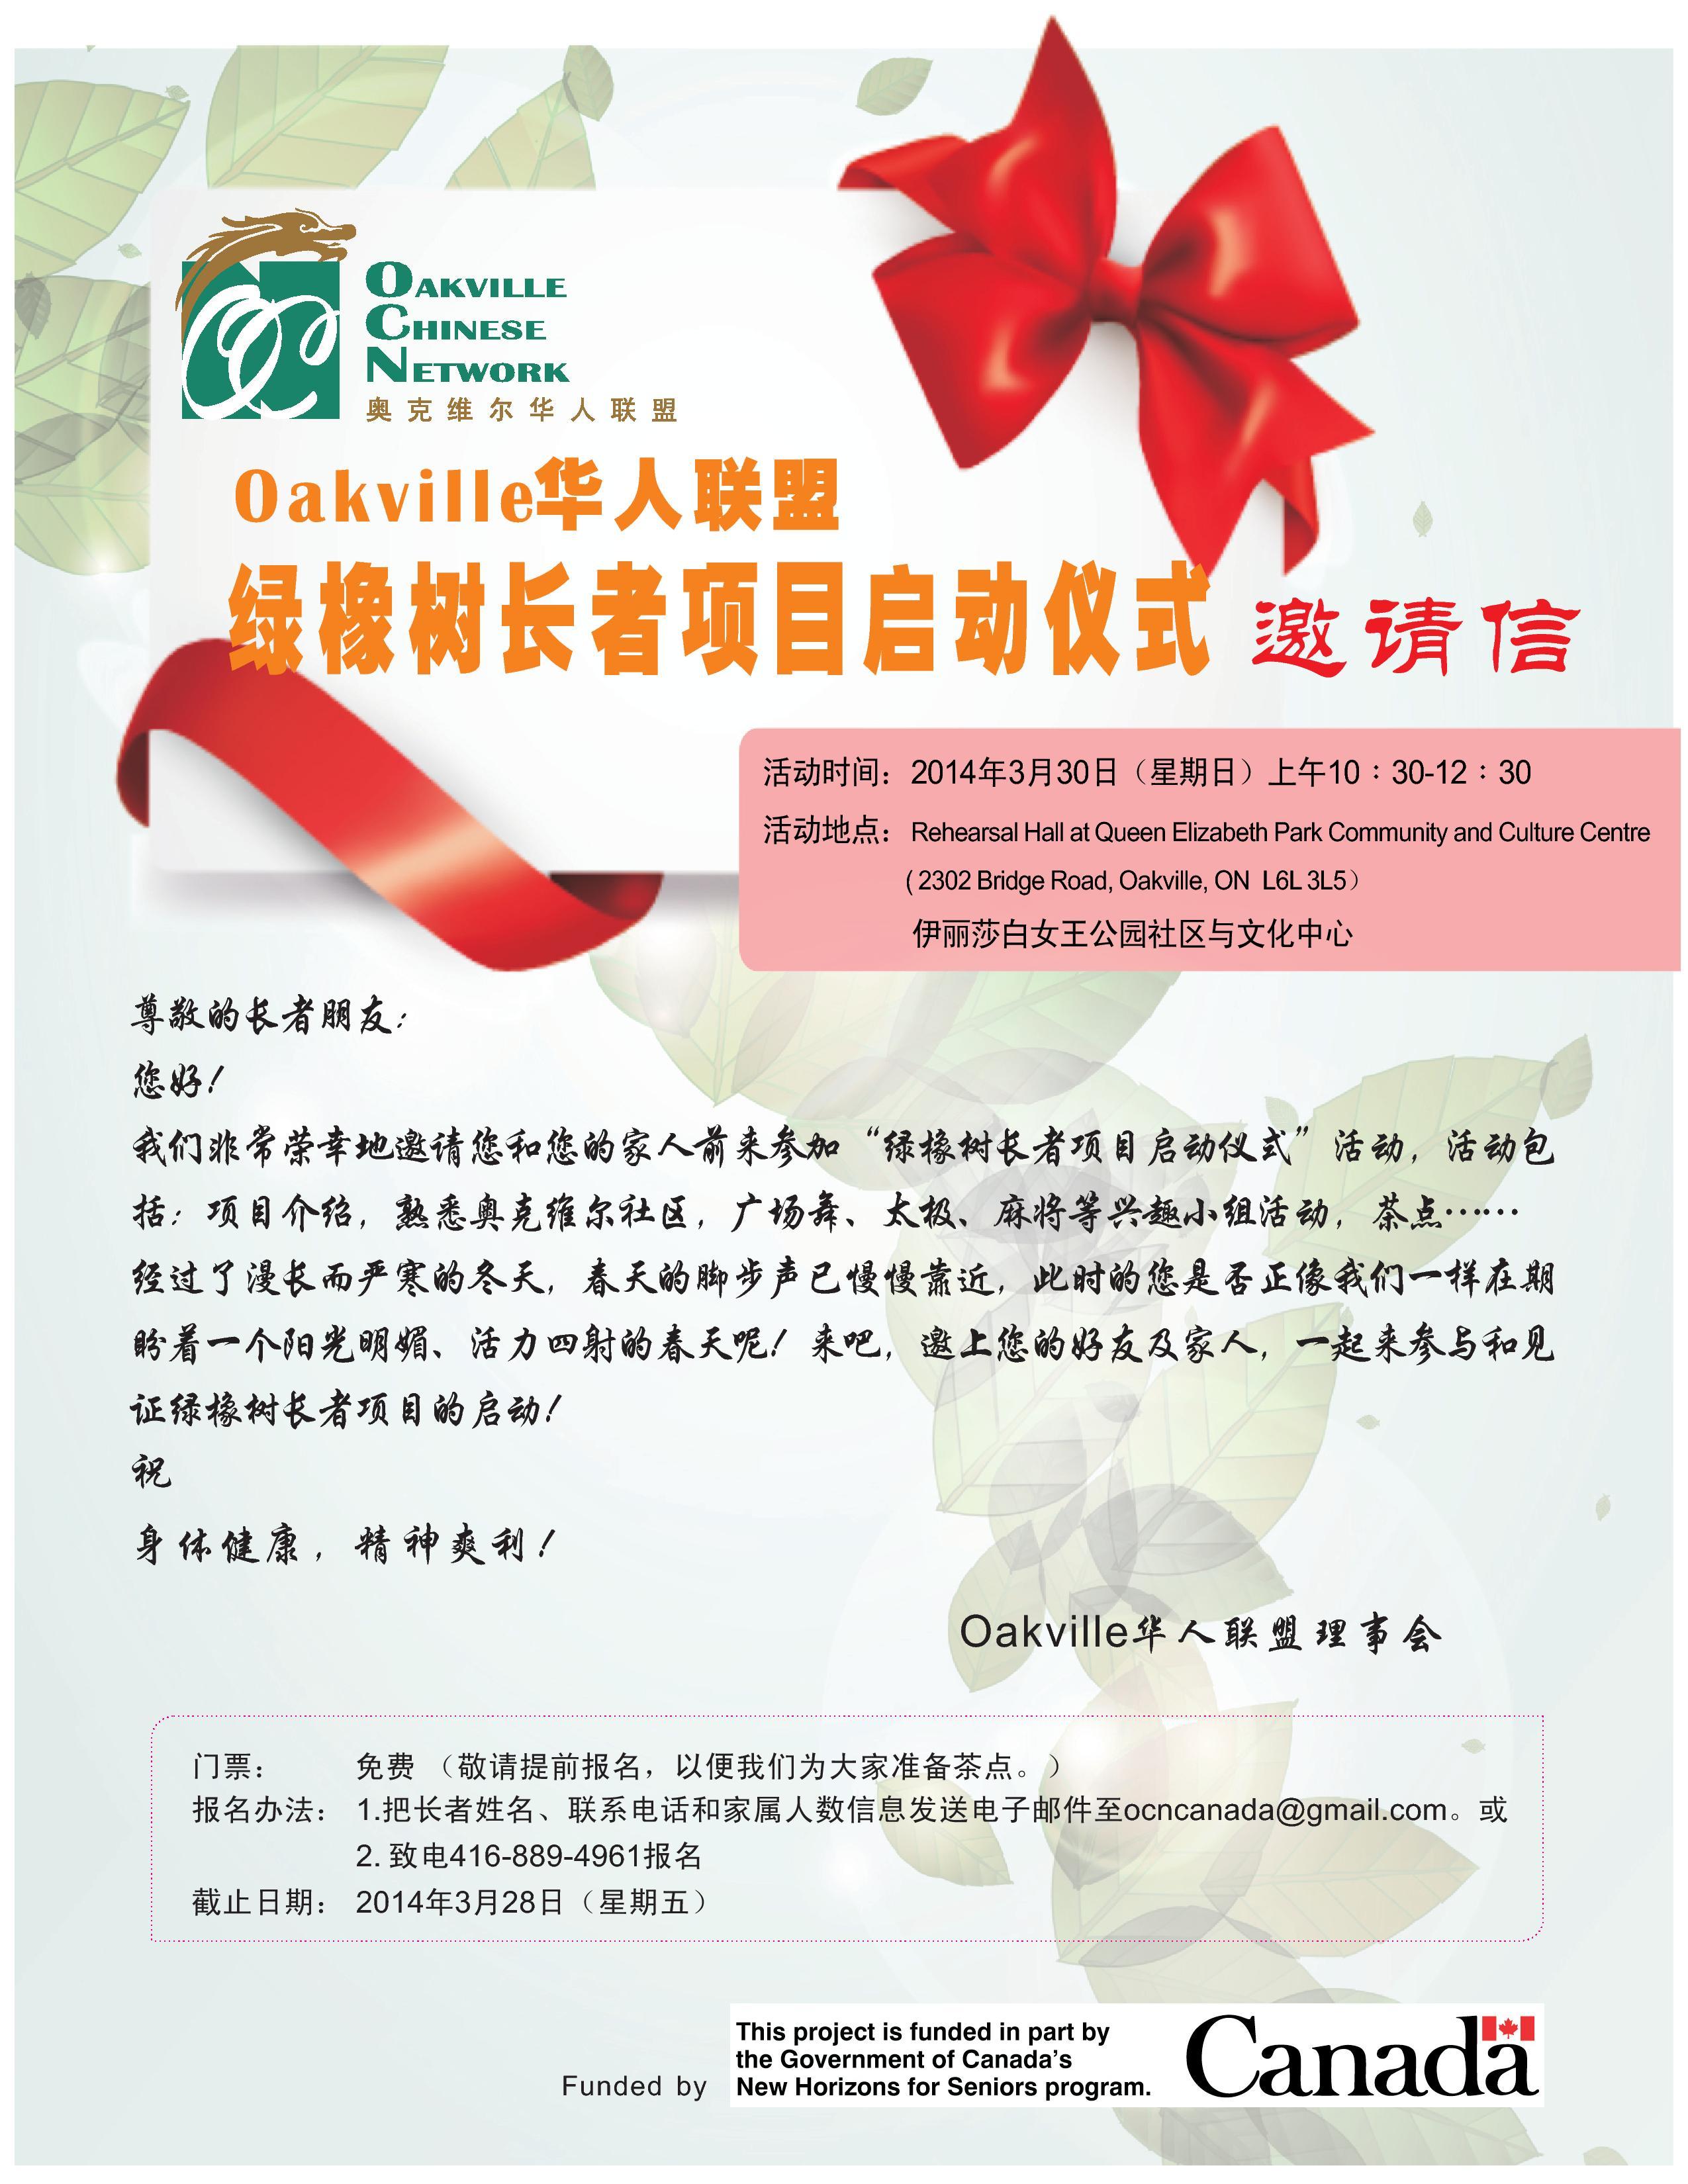 绿橡树长者项目启动仪式邀请信-老人基金Logo-page-001